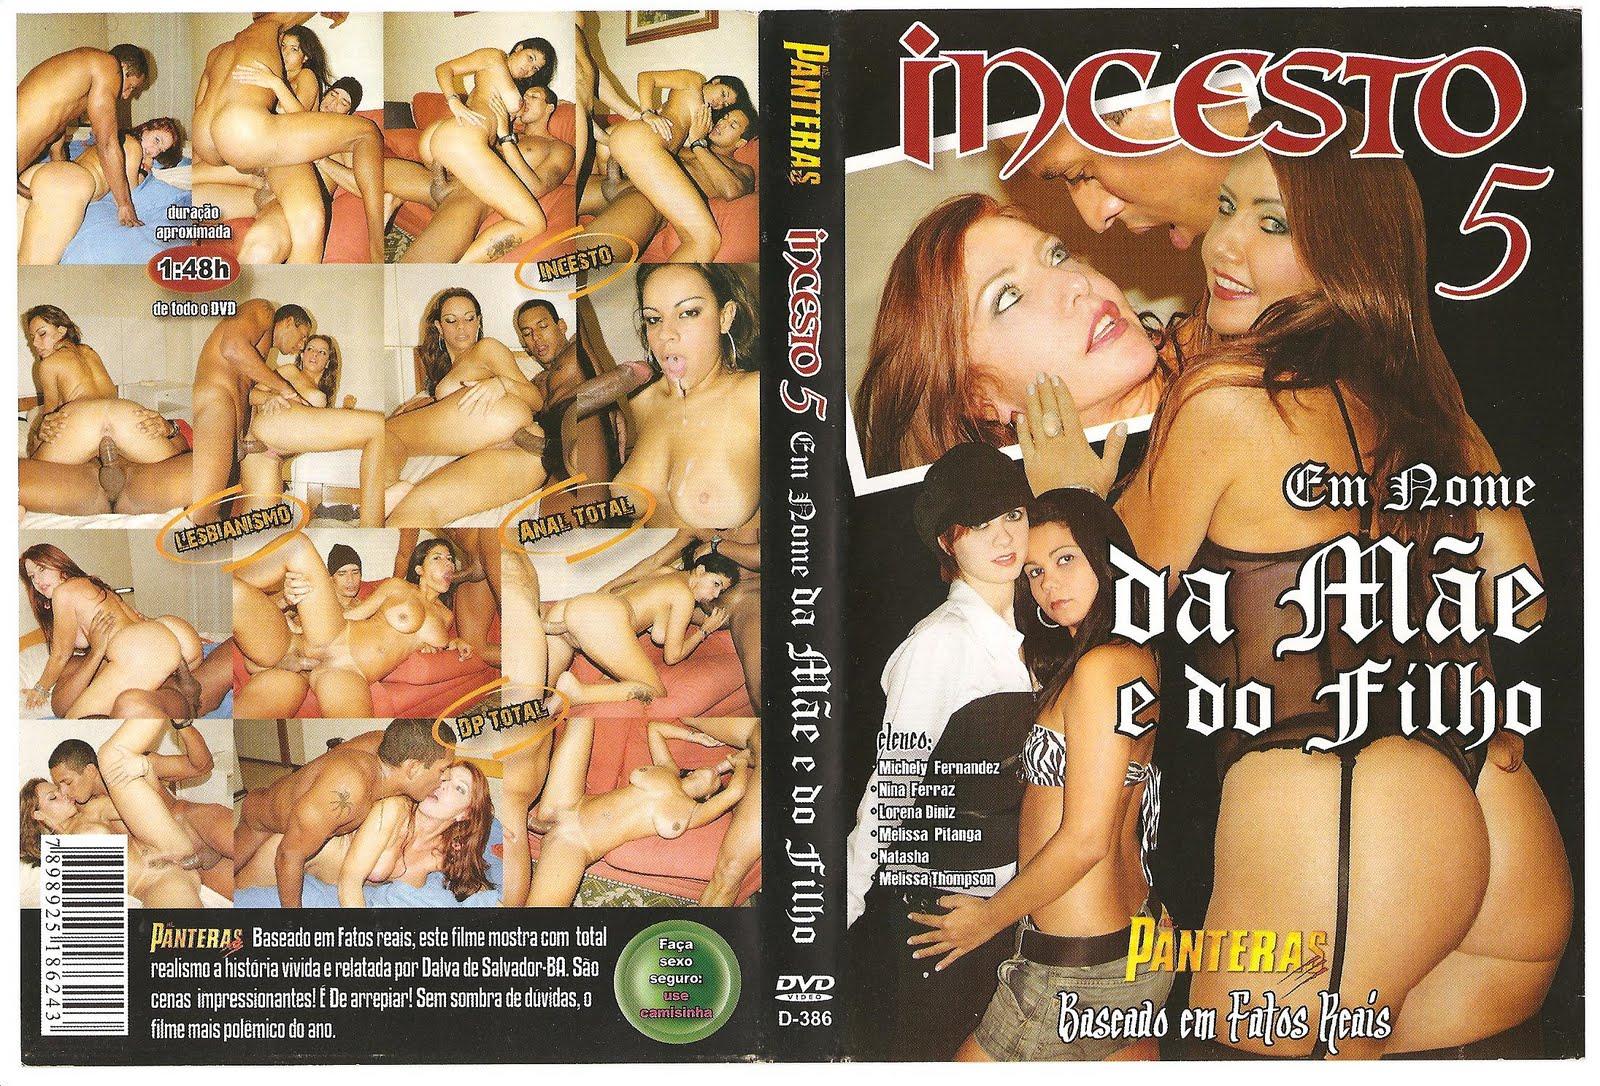 As Anteras Incesto Porn universo porno: as panteras incesto 5 - em nome da mÃe e do